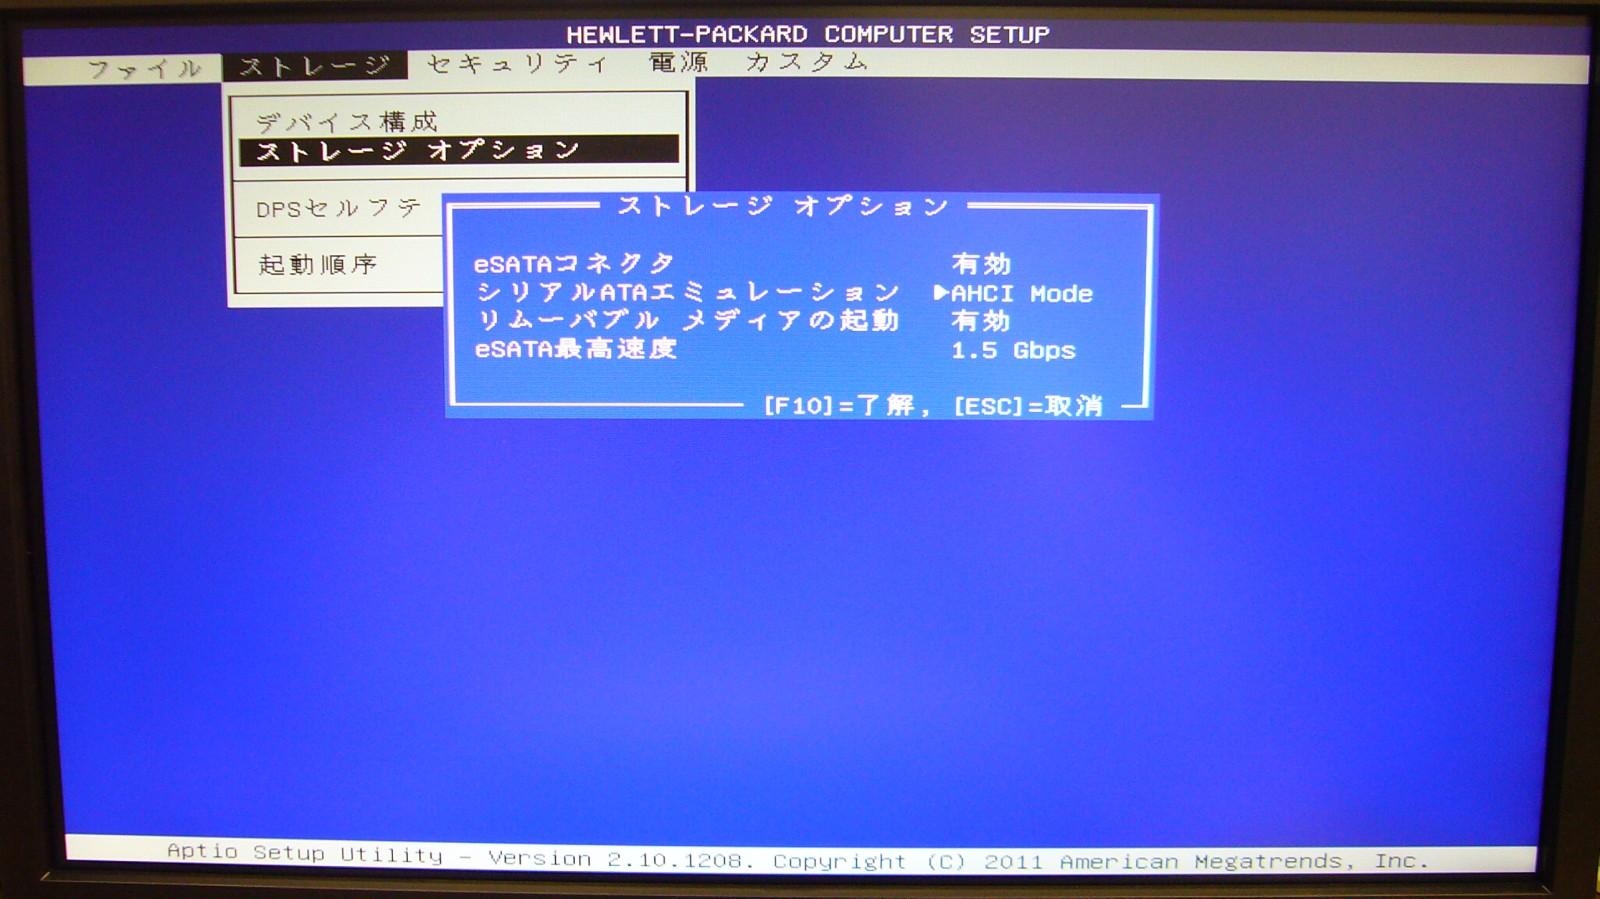 HP BIOS